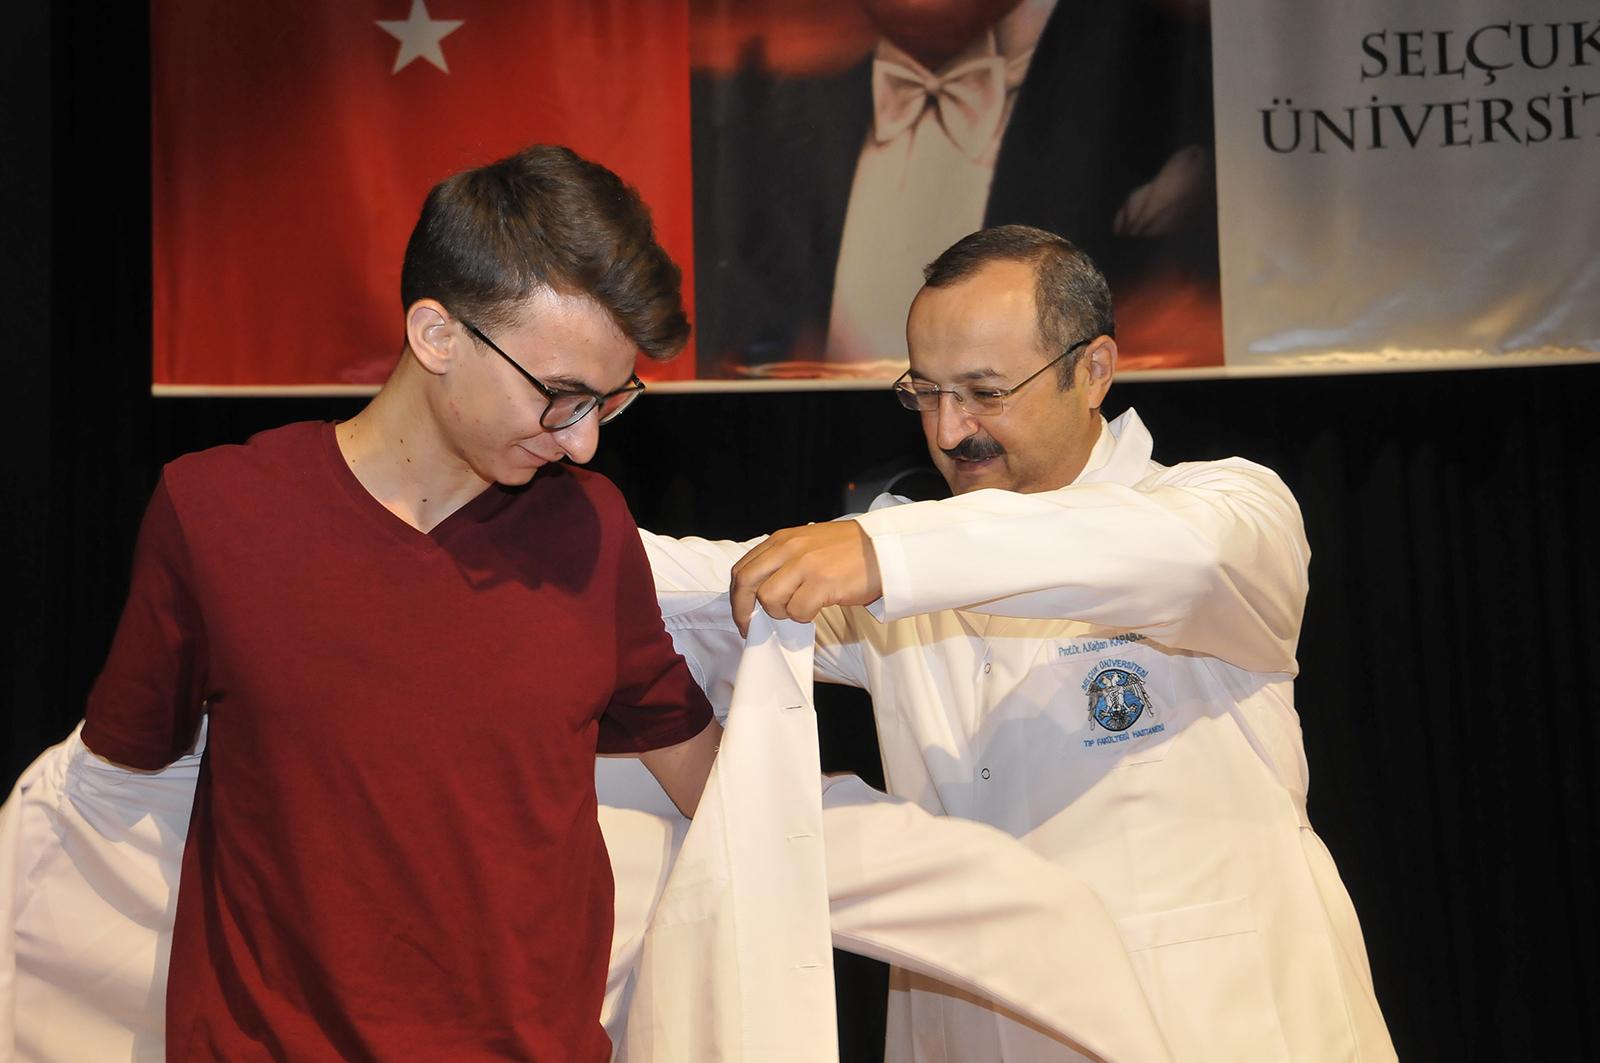 Selçuk Tıp Öğrencilerinin Beyaz Önlük Heyecanı